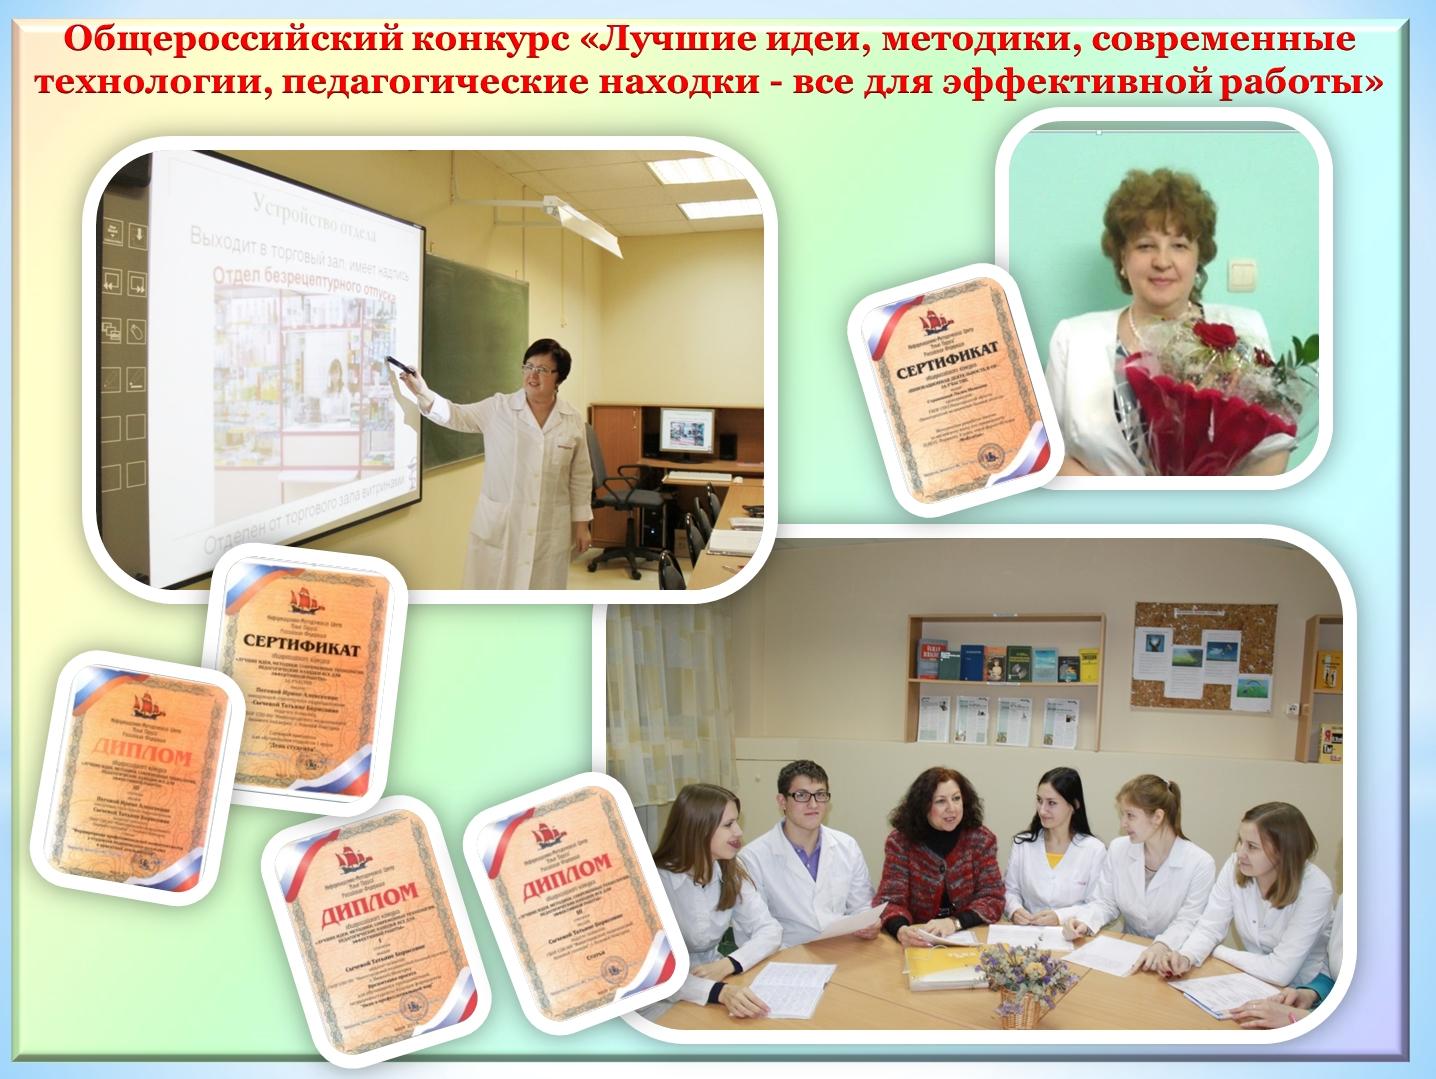 2015.03Общероссийский конкурс Лучшие идеи методики